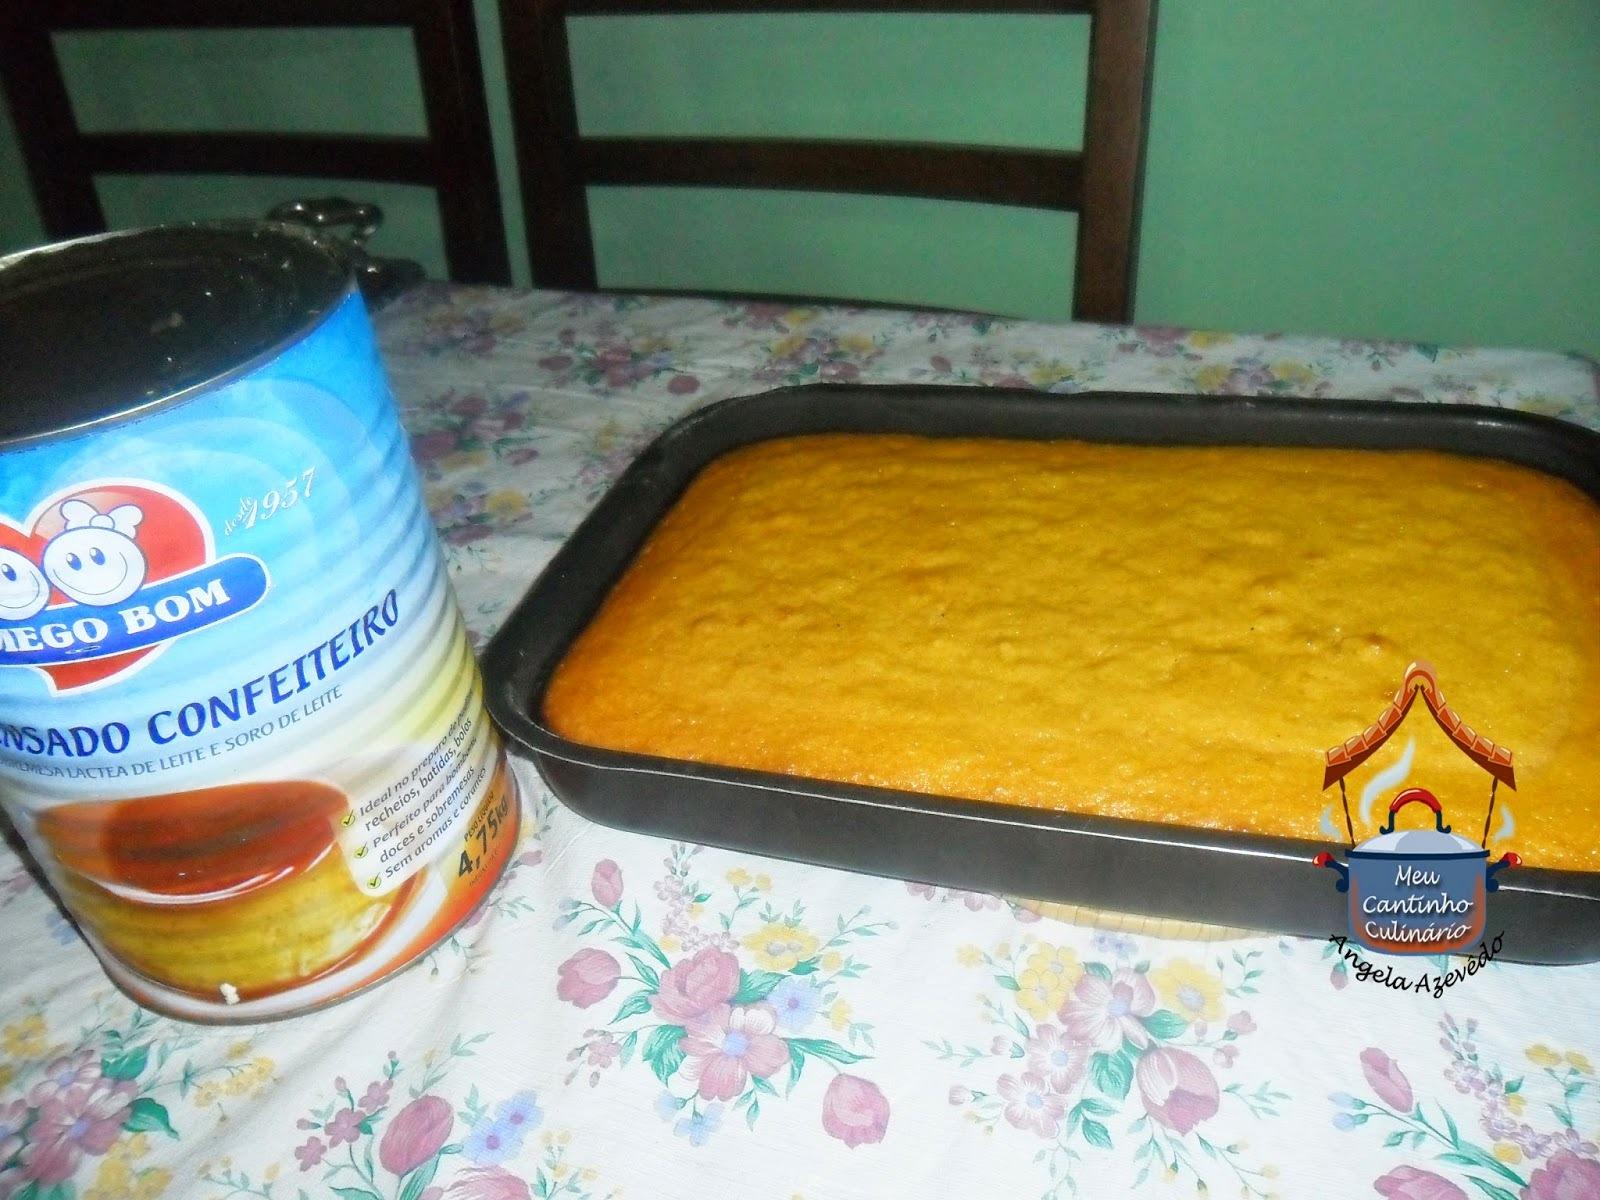 bolo de milho com milharina no liquidificador uma lata de milho com agua